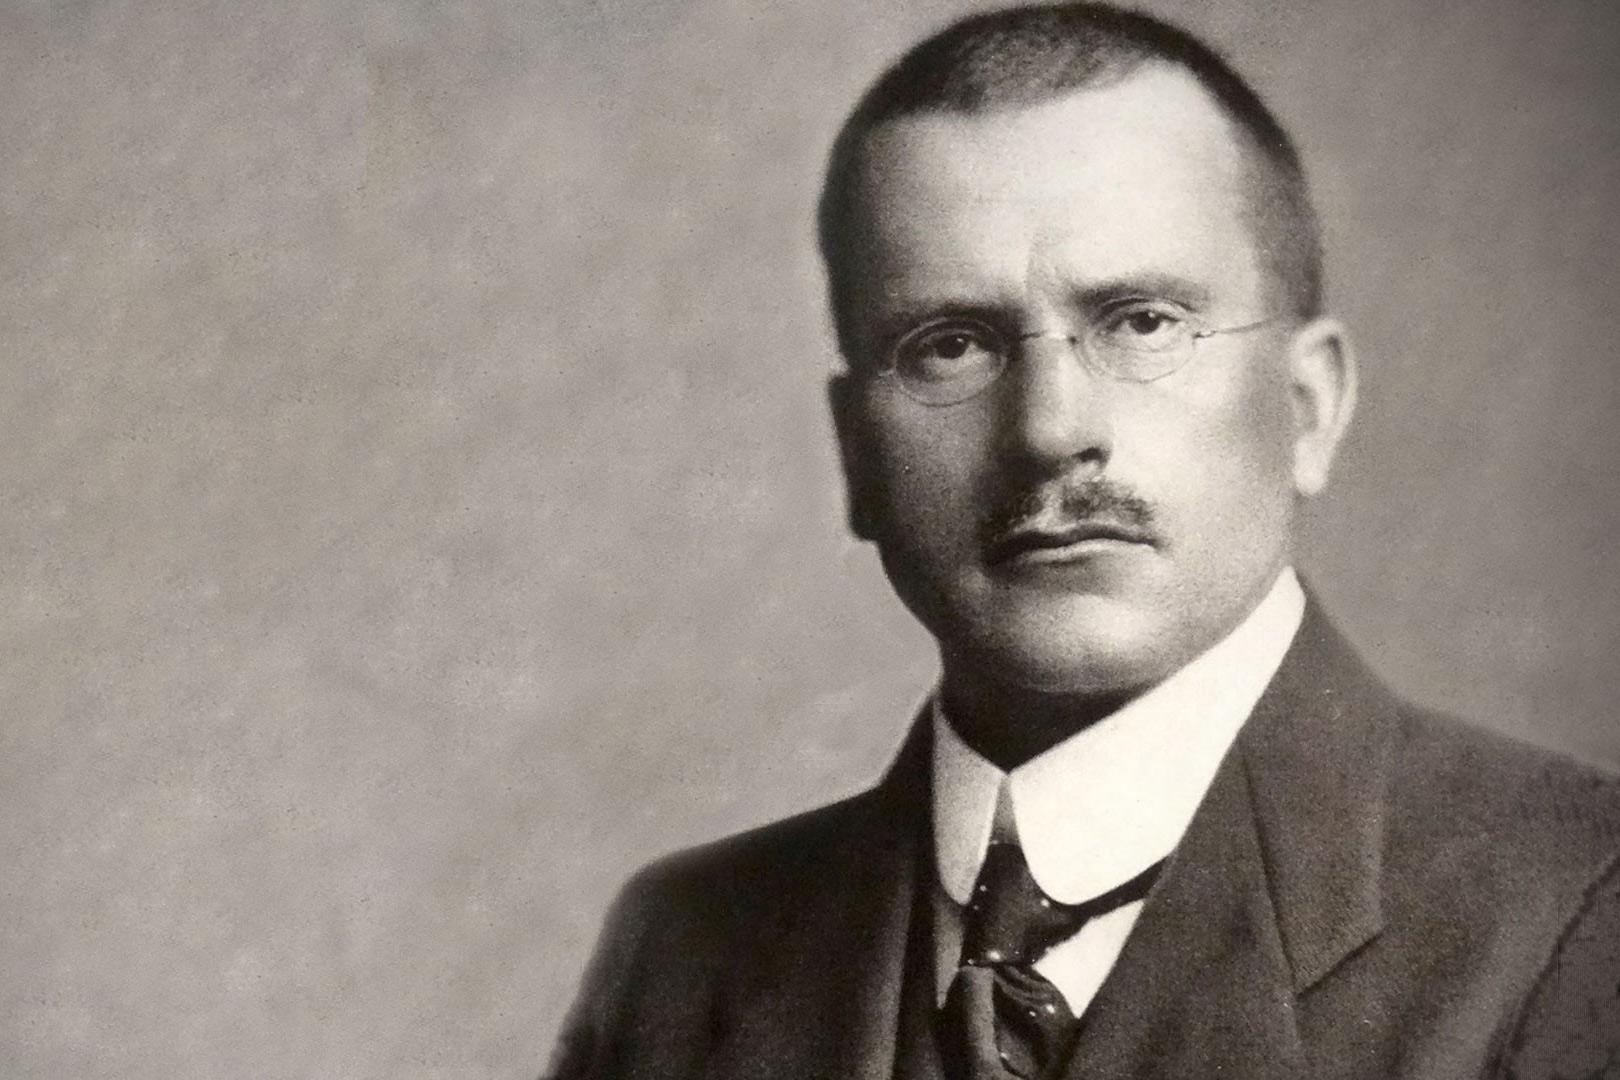 Carl Jung và học thuyết nhân cách biểu tượng